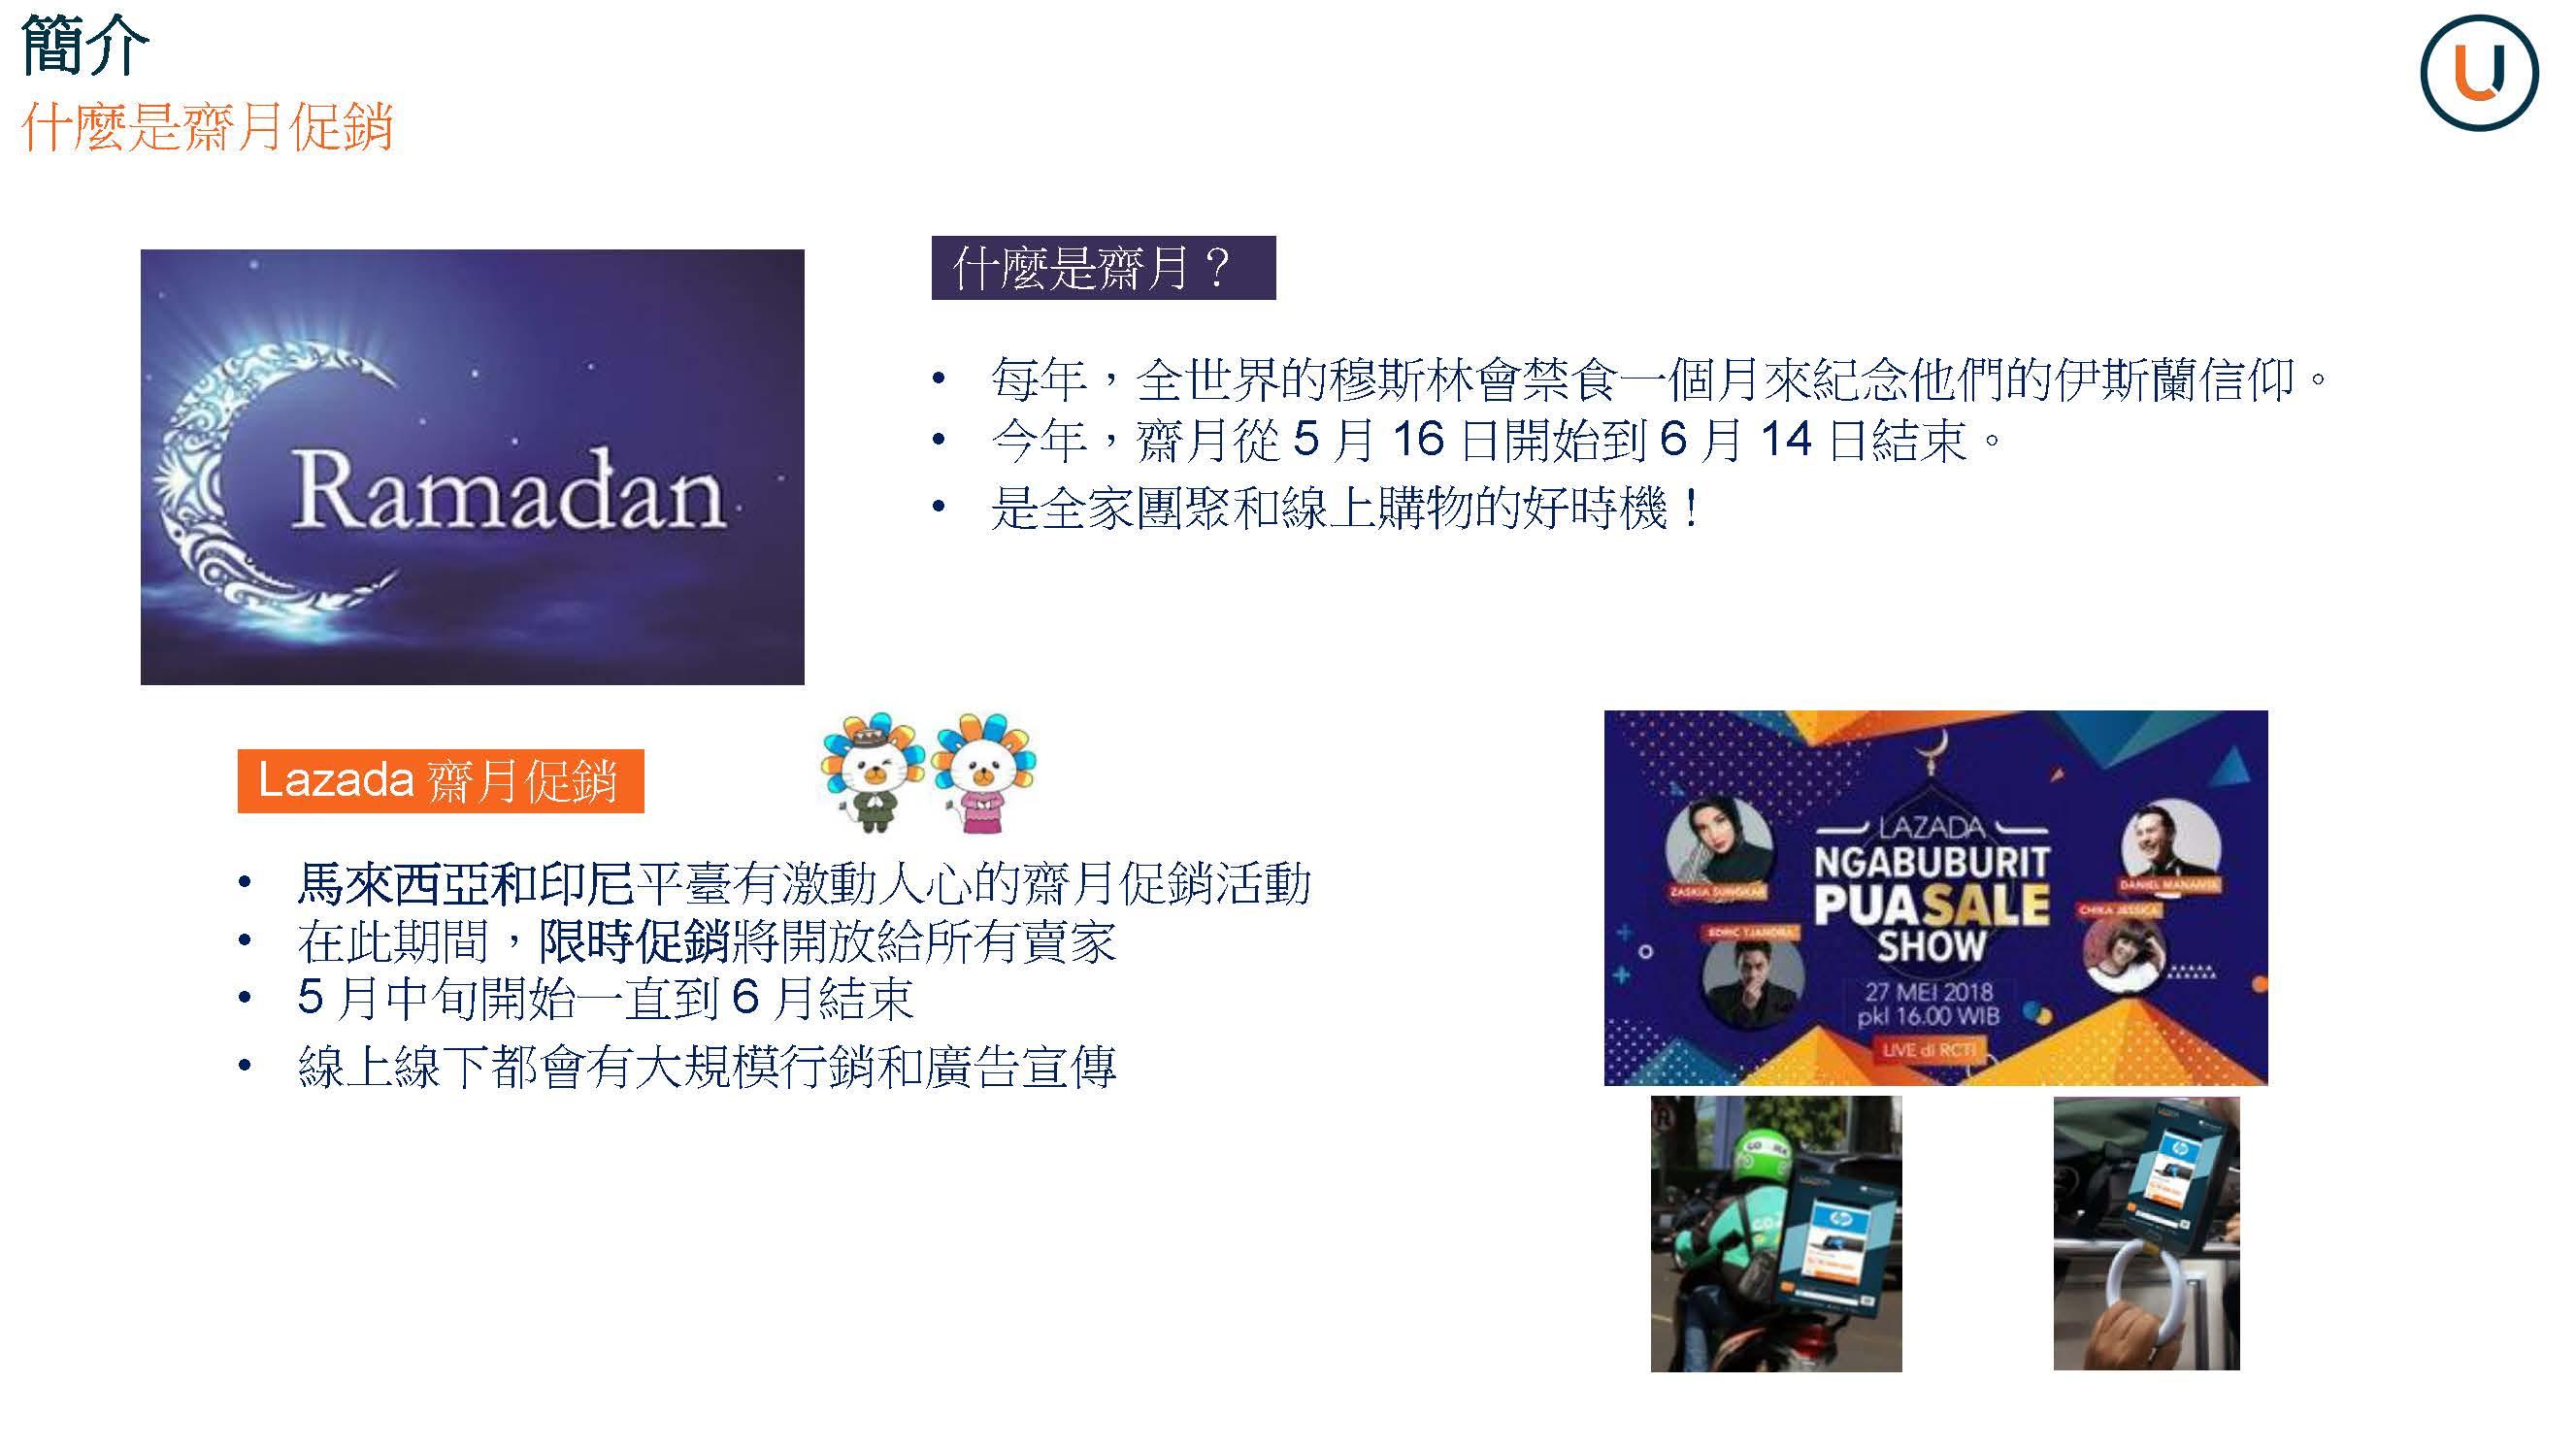 繁體CB CN Ramadhan Campaign 2018_頁面_03